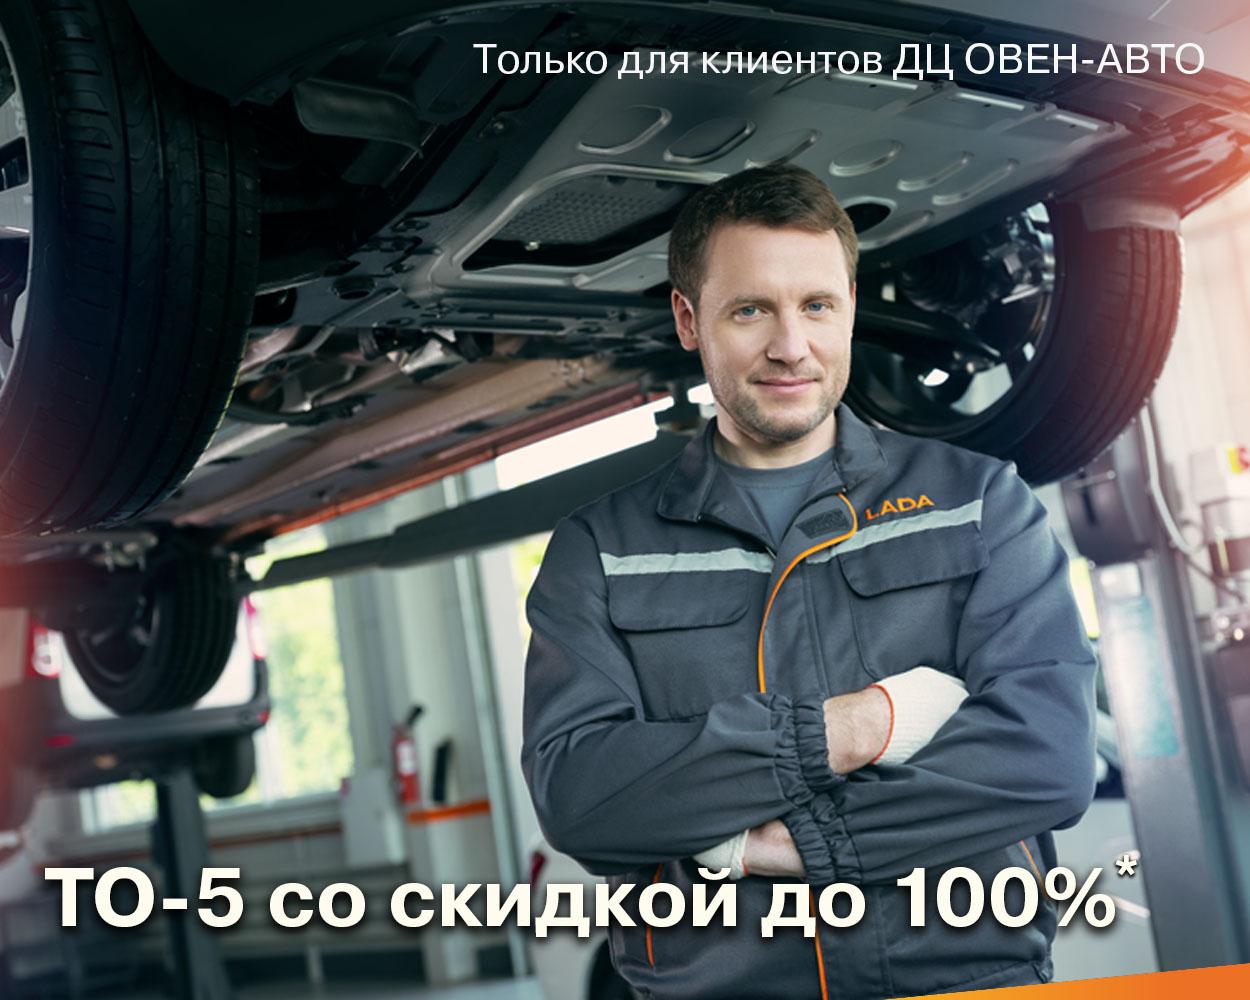 ТО-5 со скидкой до 100%